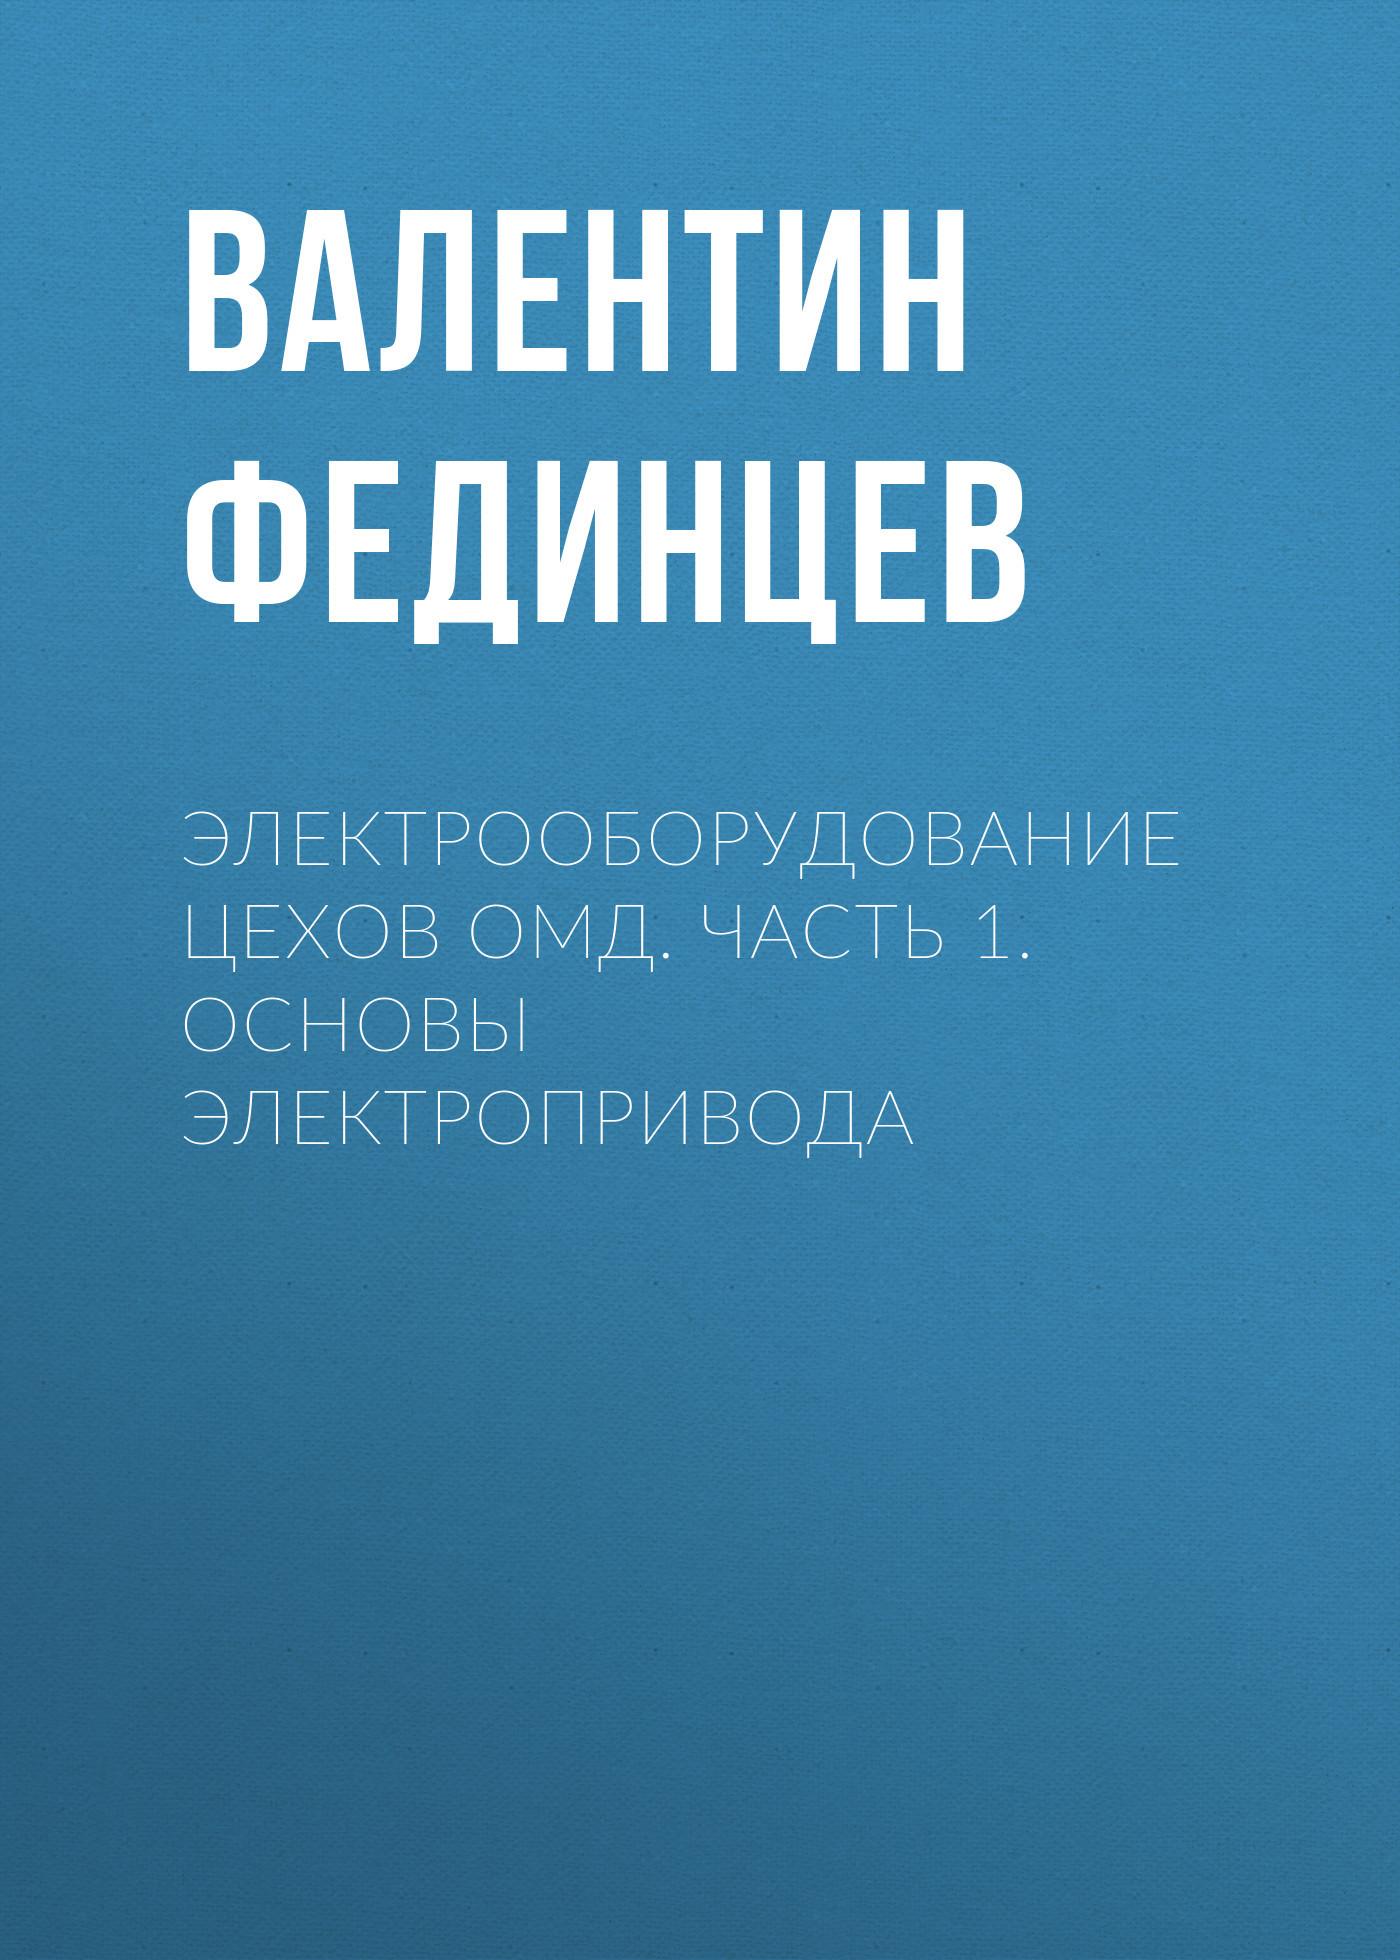 Валентин Фединцев Электрооборудование цехов ОМД. Часть 1. Основы электропривода оборудование литейных цехов